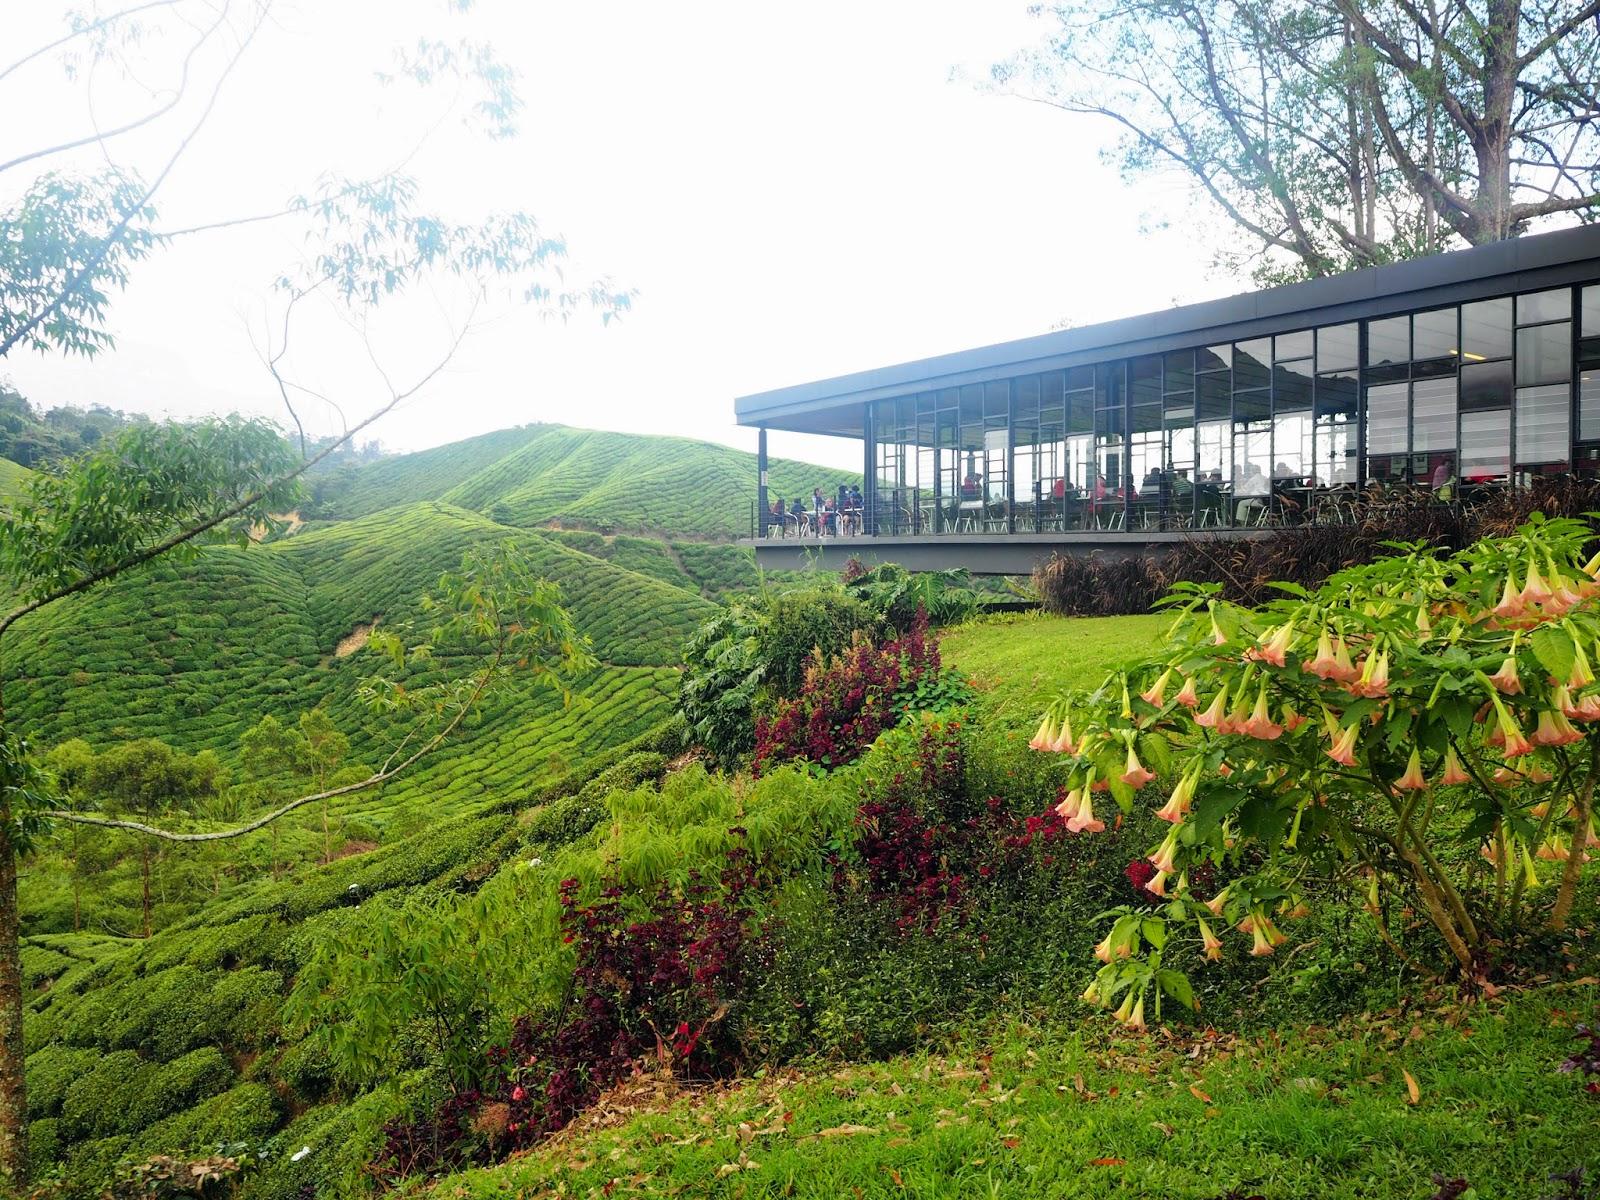 Boh Tea House